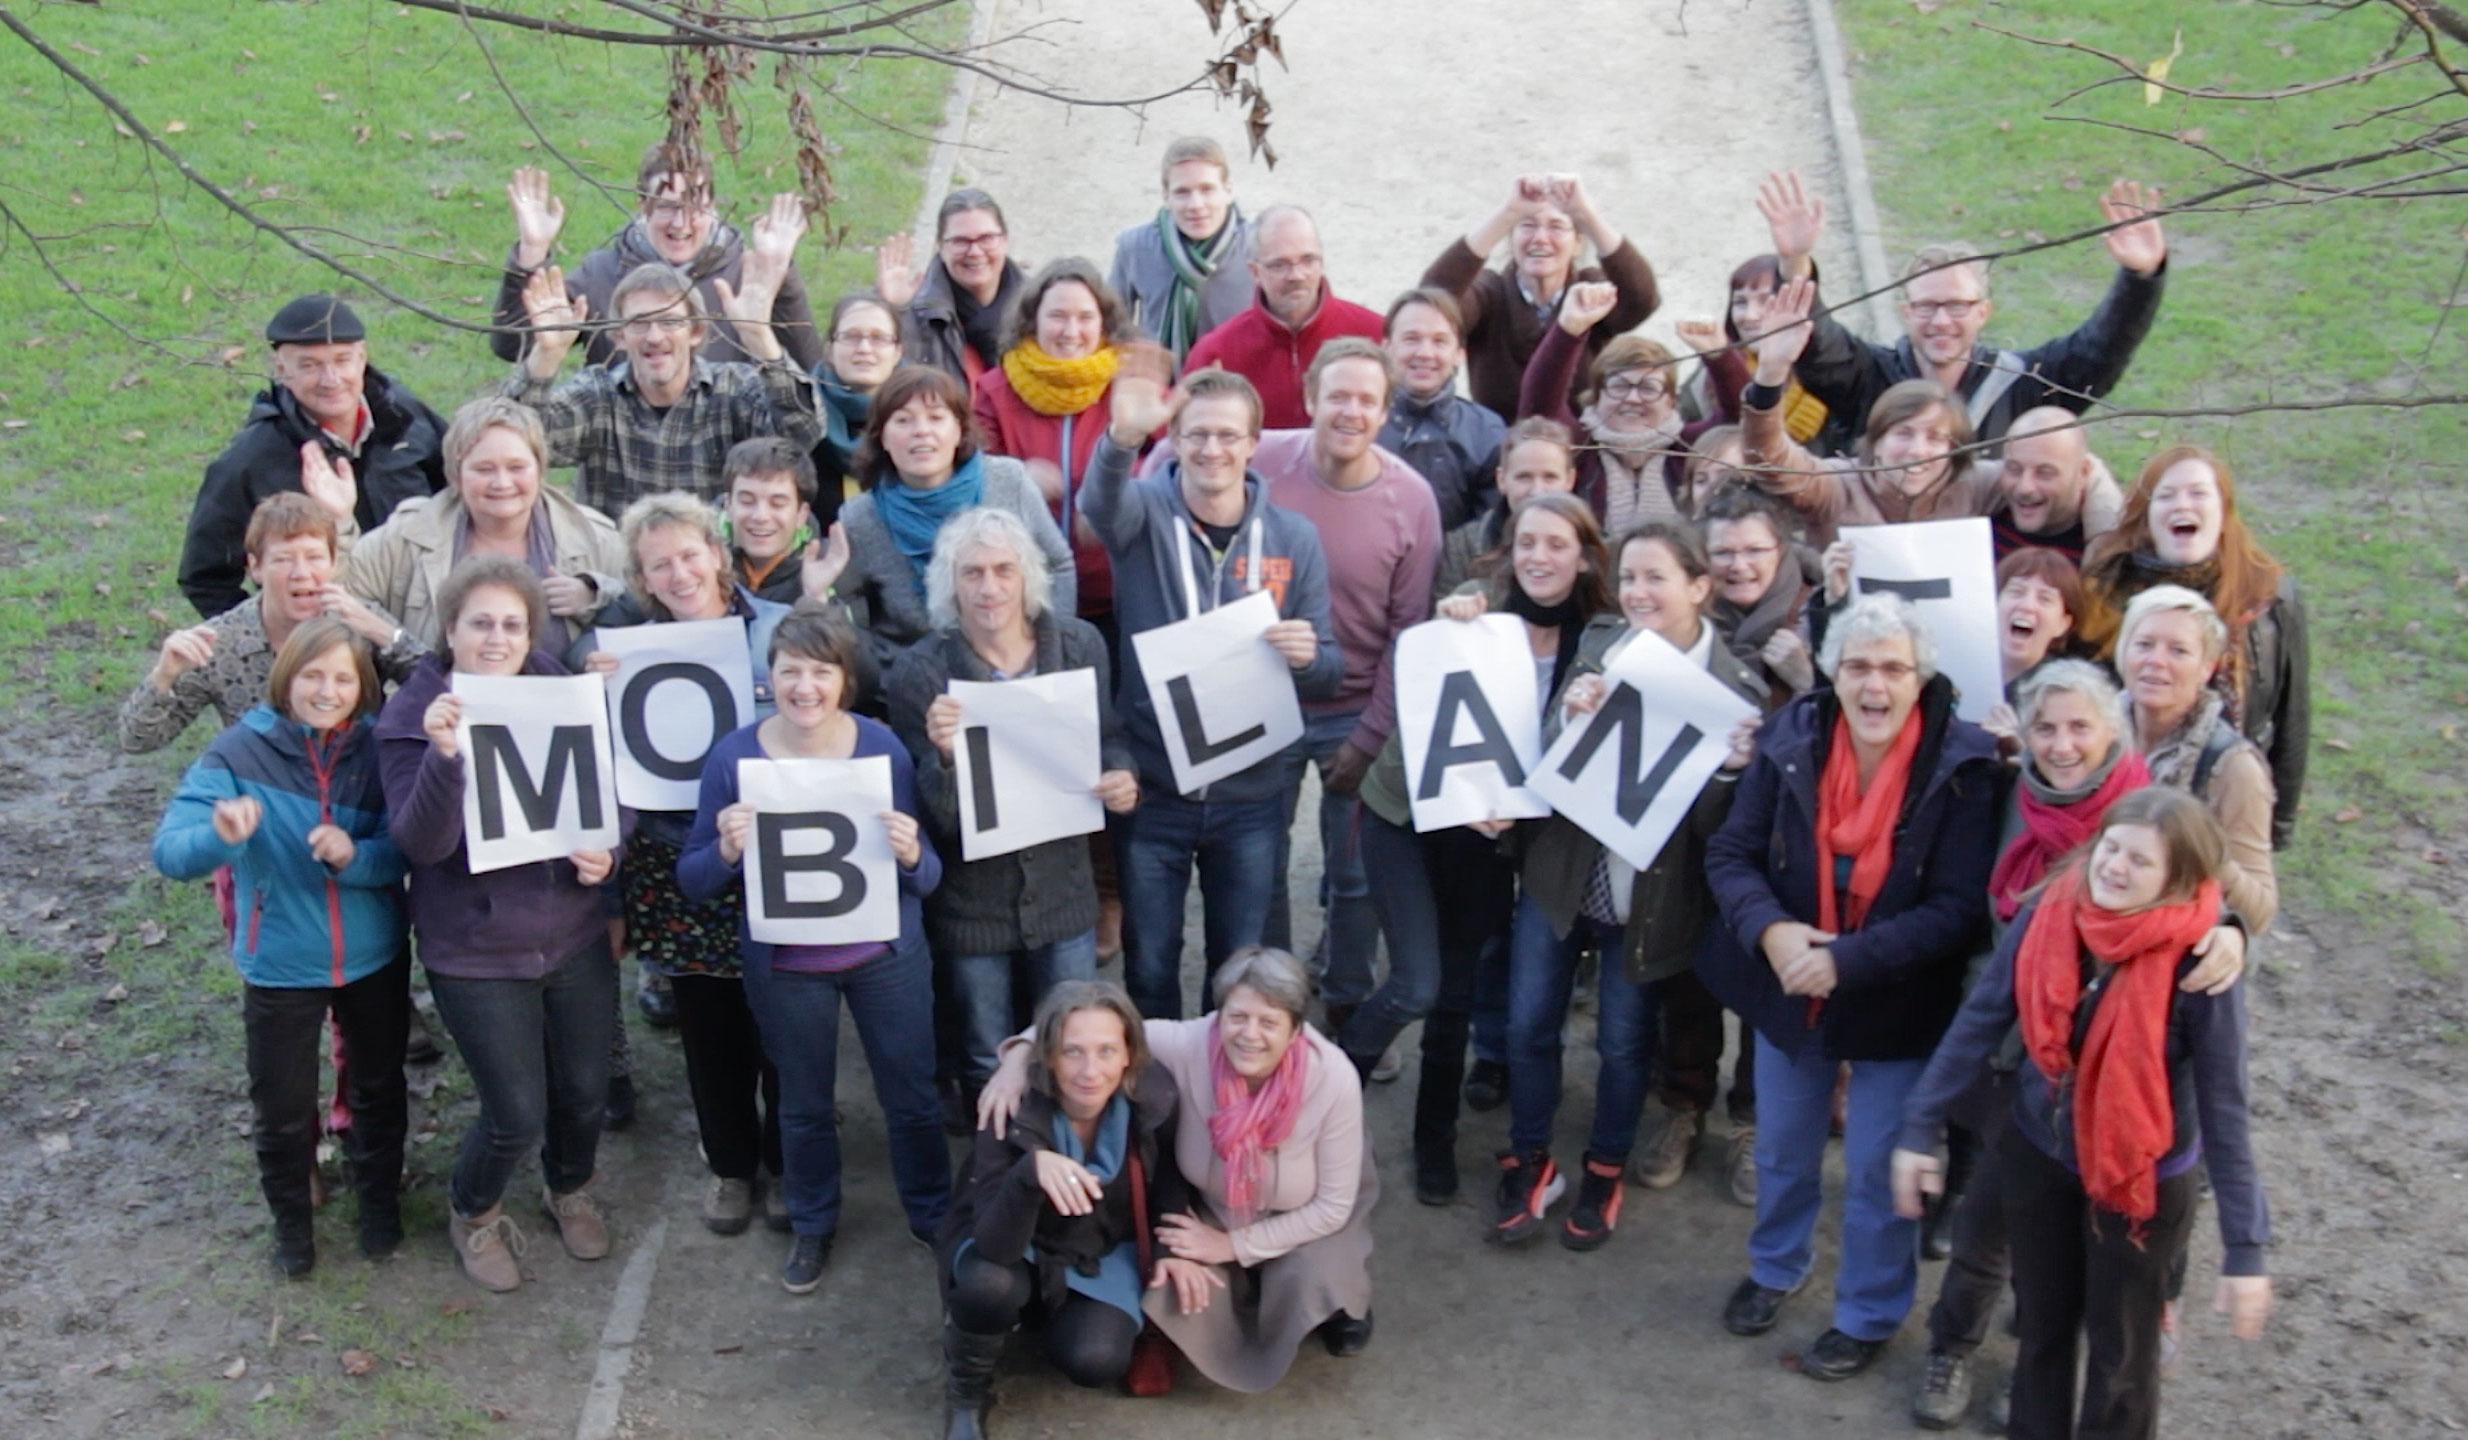 Mobilant_web